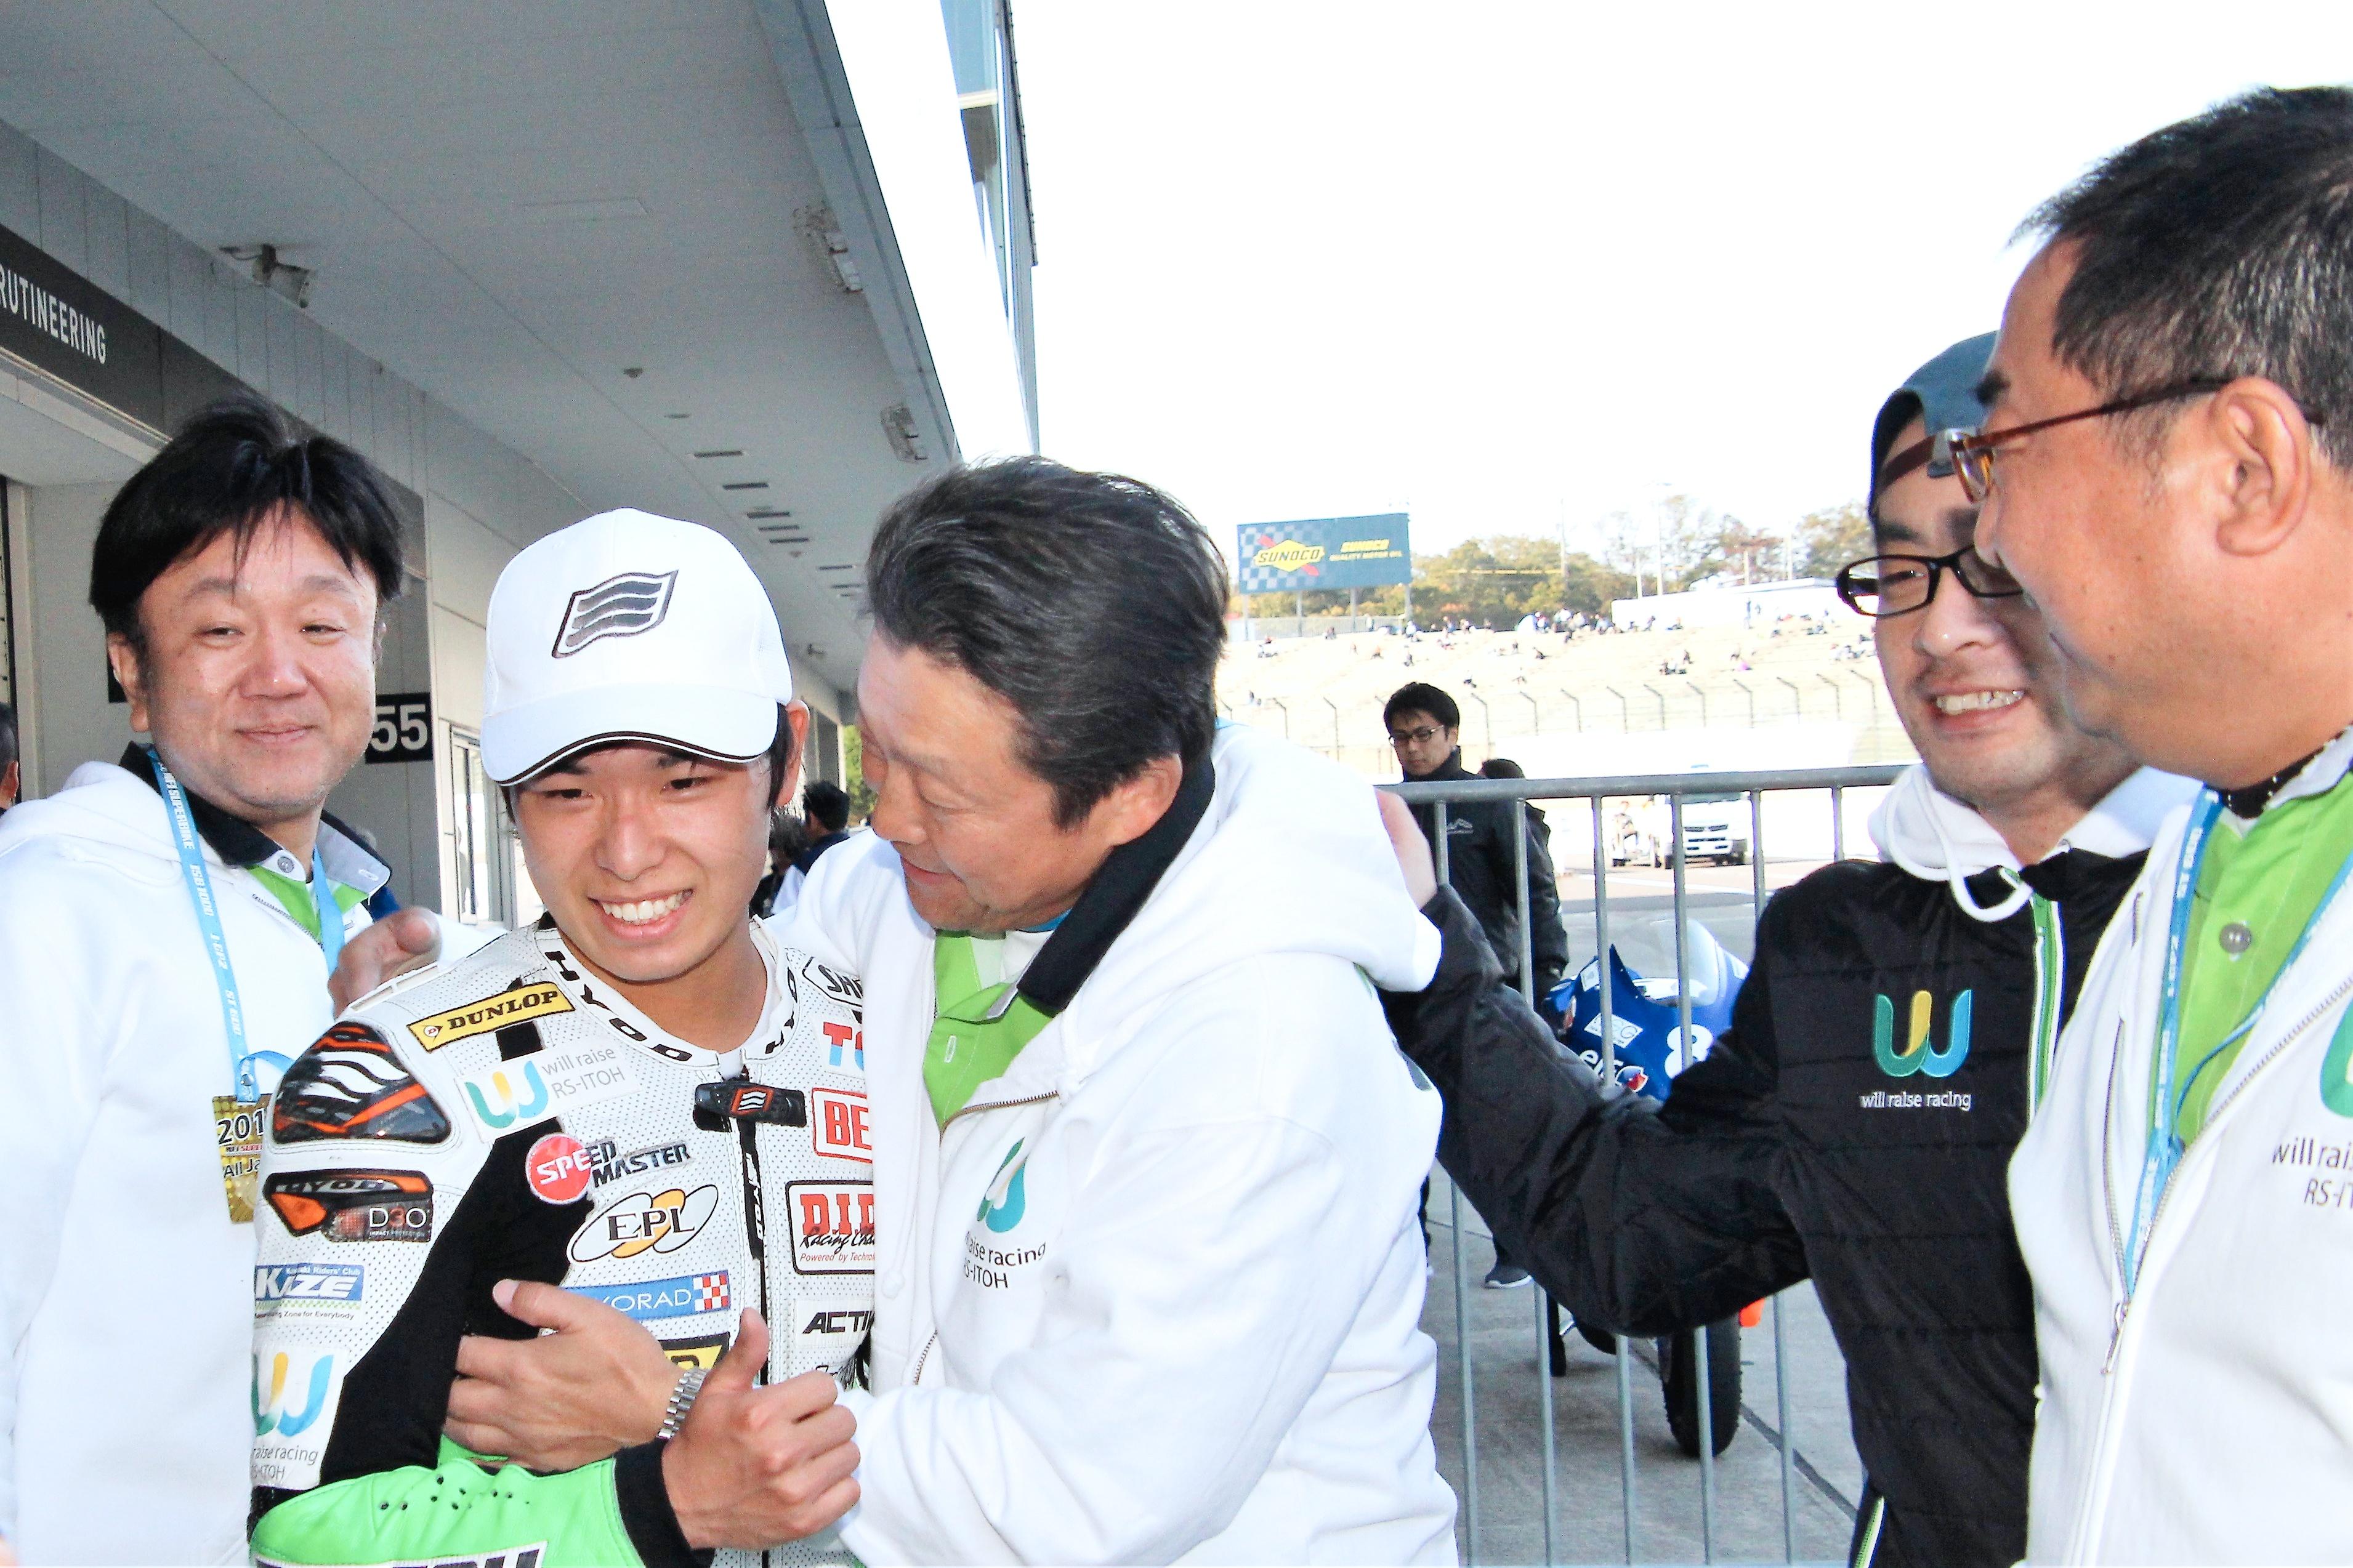 Motorzに全日本ロードレース選手権Rd.9決勝レースの取材記事が公開されました。